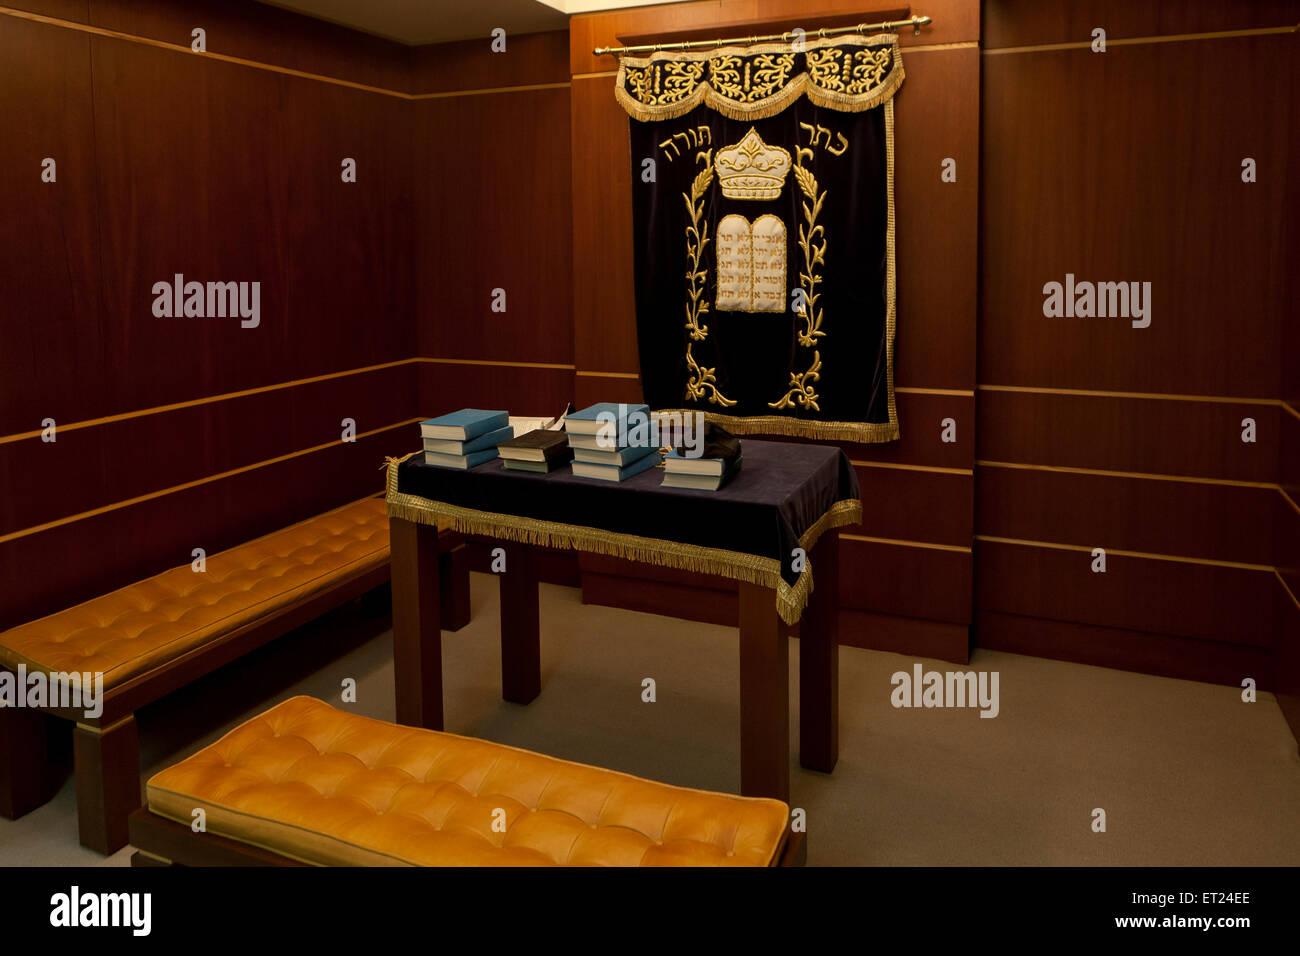 La oración judía y la sala de estudio de la Torá (Beth midrash) Imagen De Stock